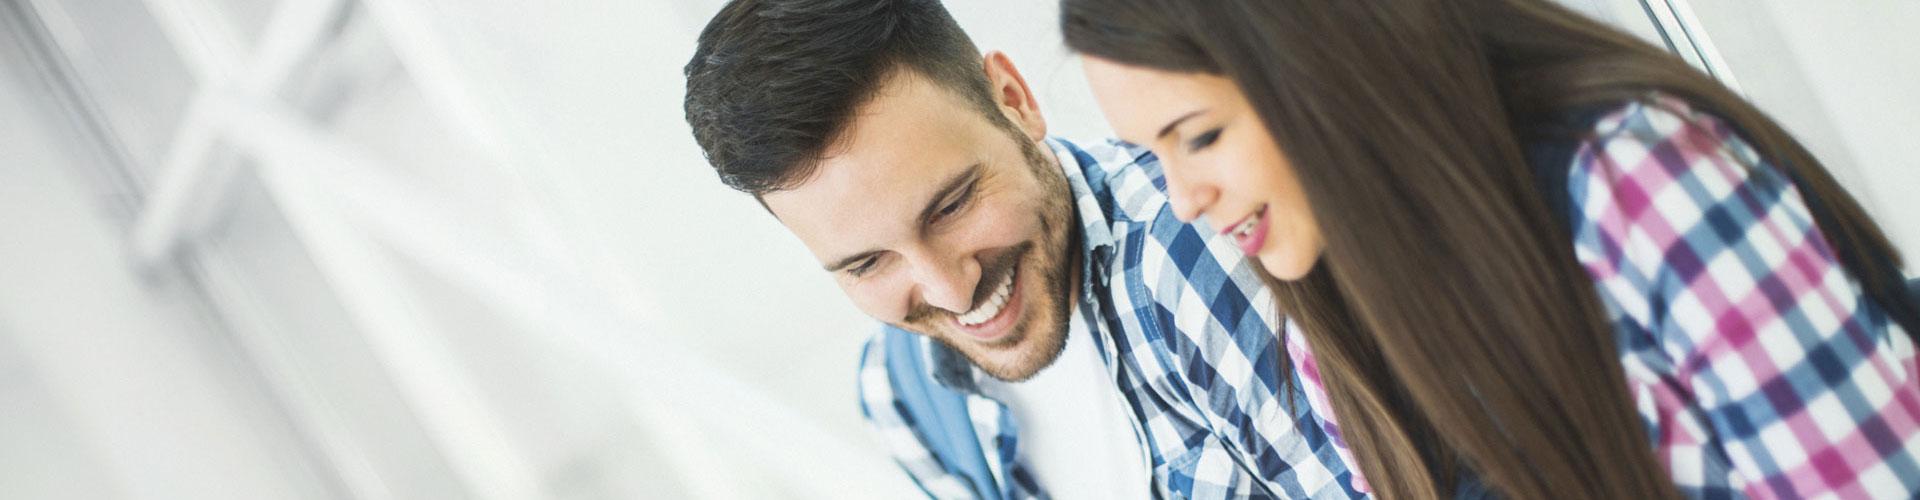 BF rencontres en ligne programmes d'affiliation de rencontres les plus payants